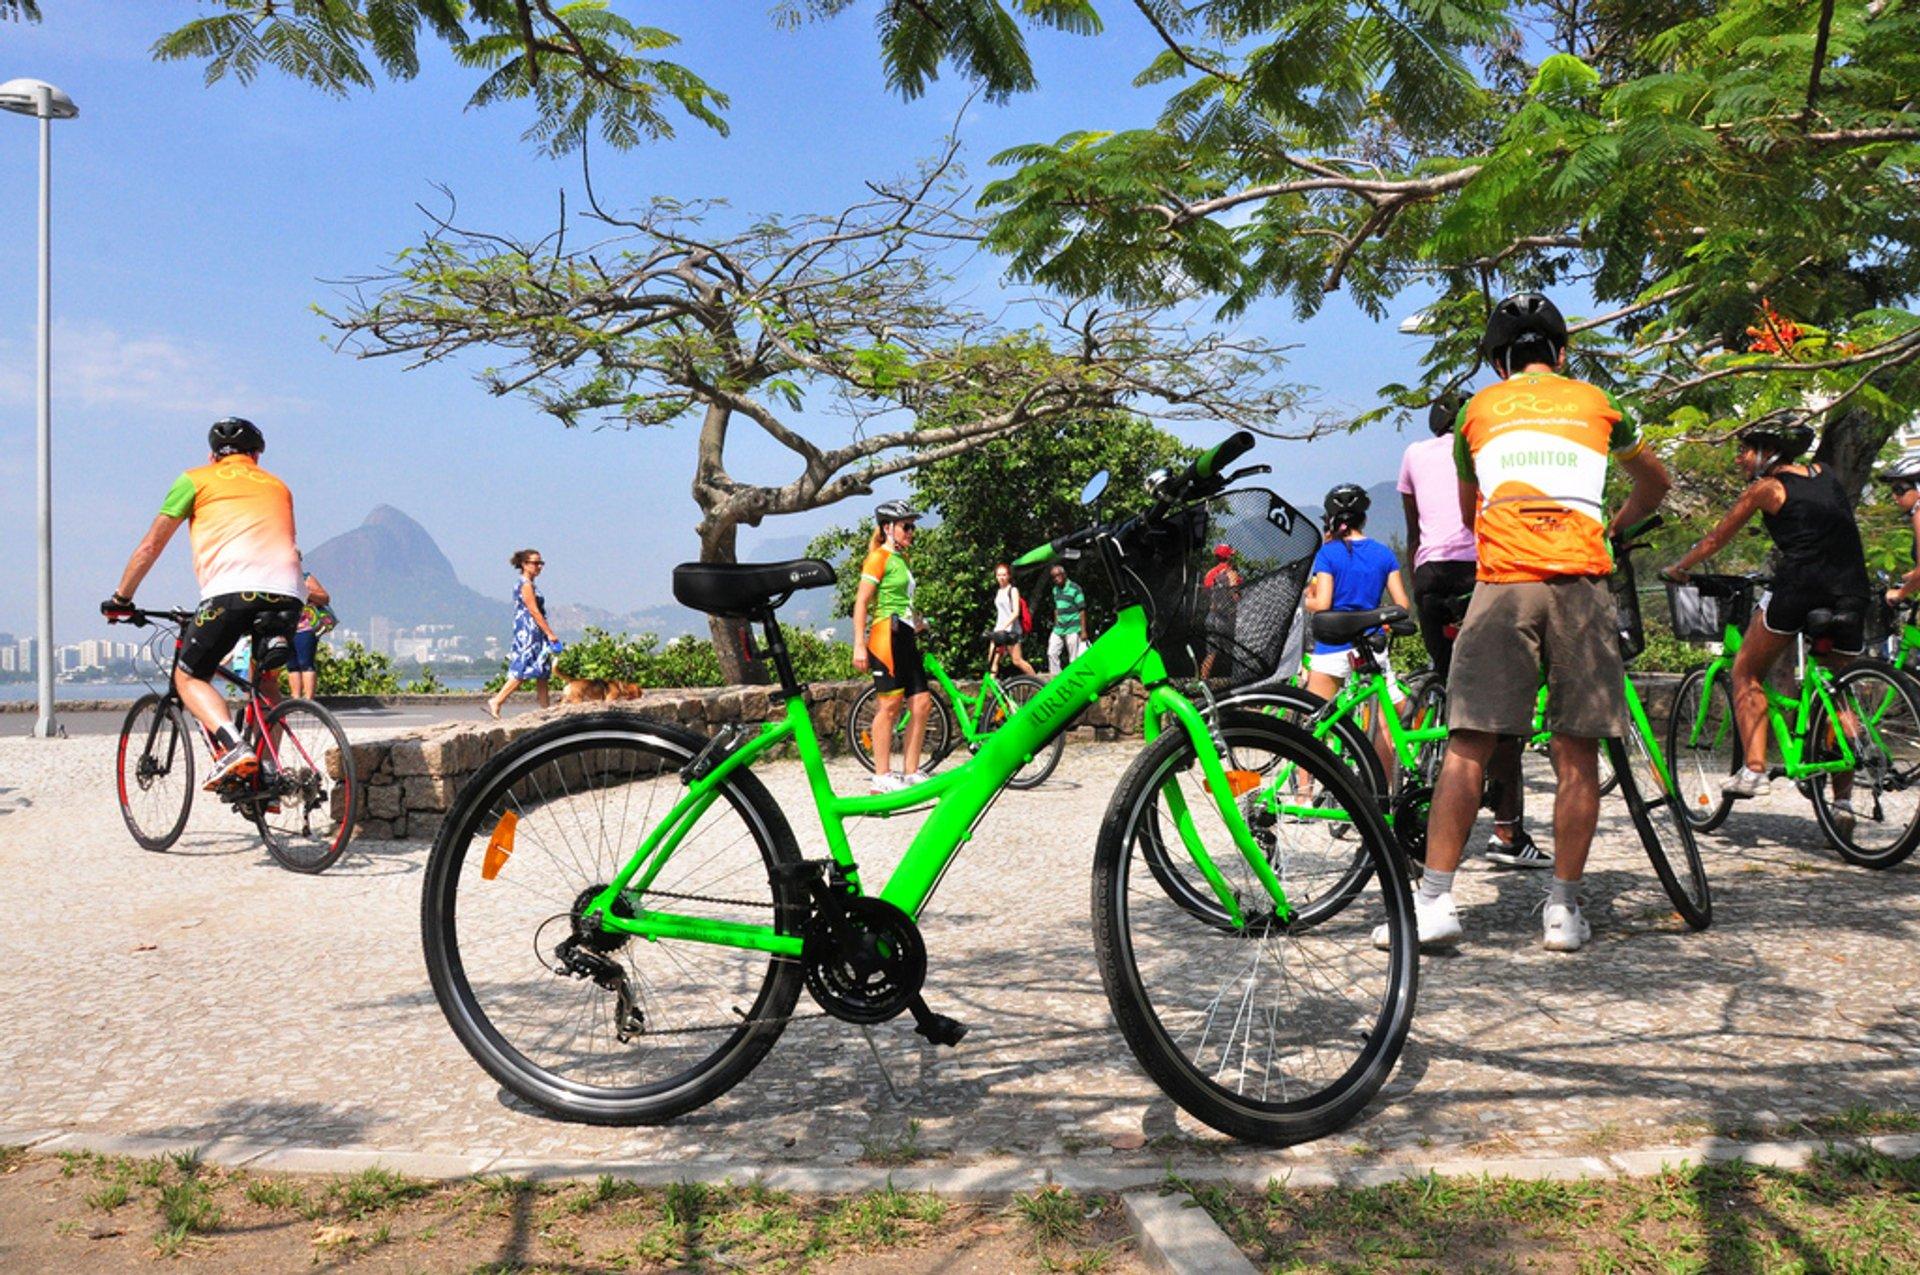 Cycling in Rio de Janeiro - Best Season 2020